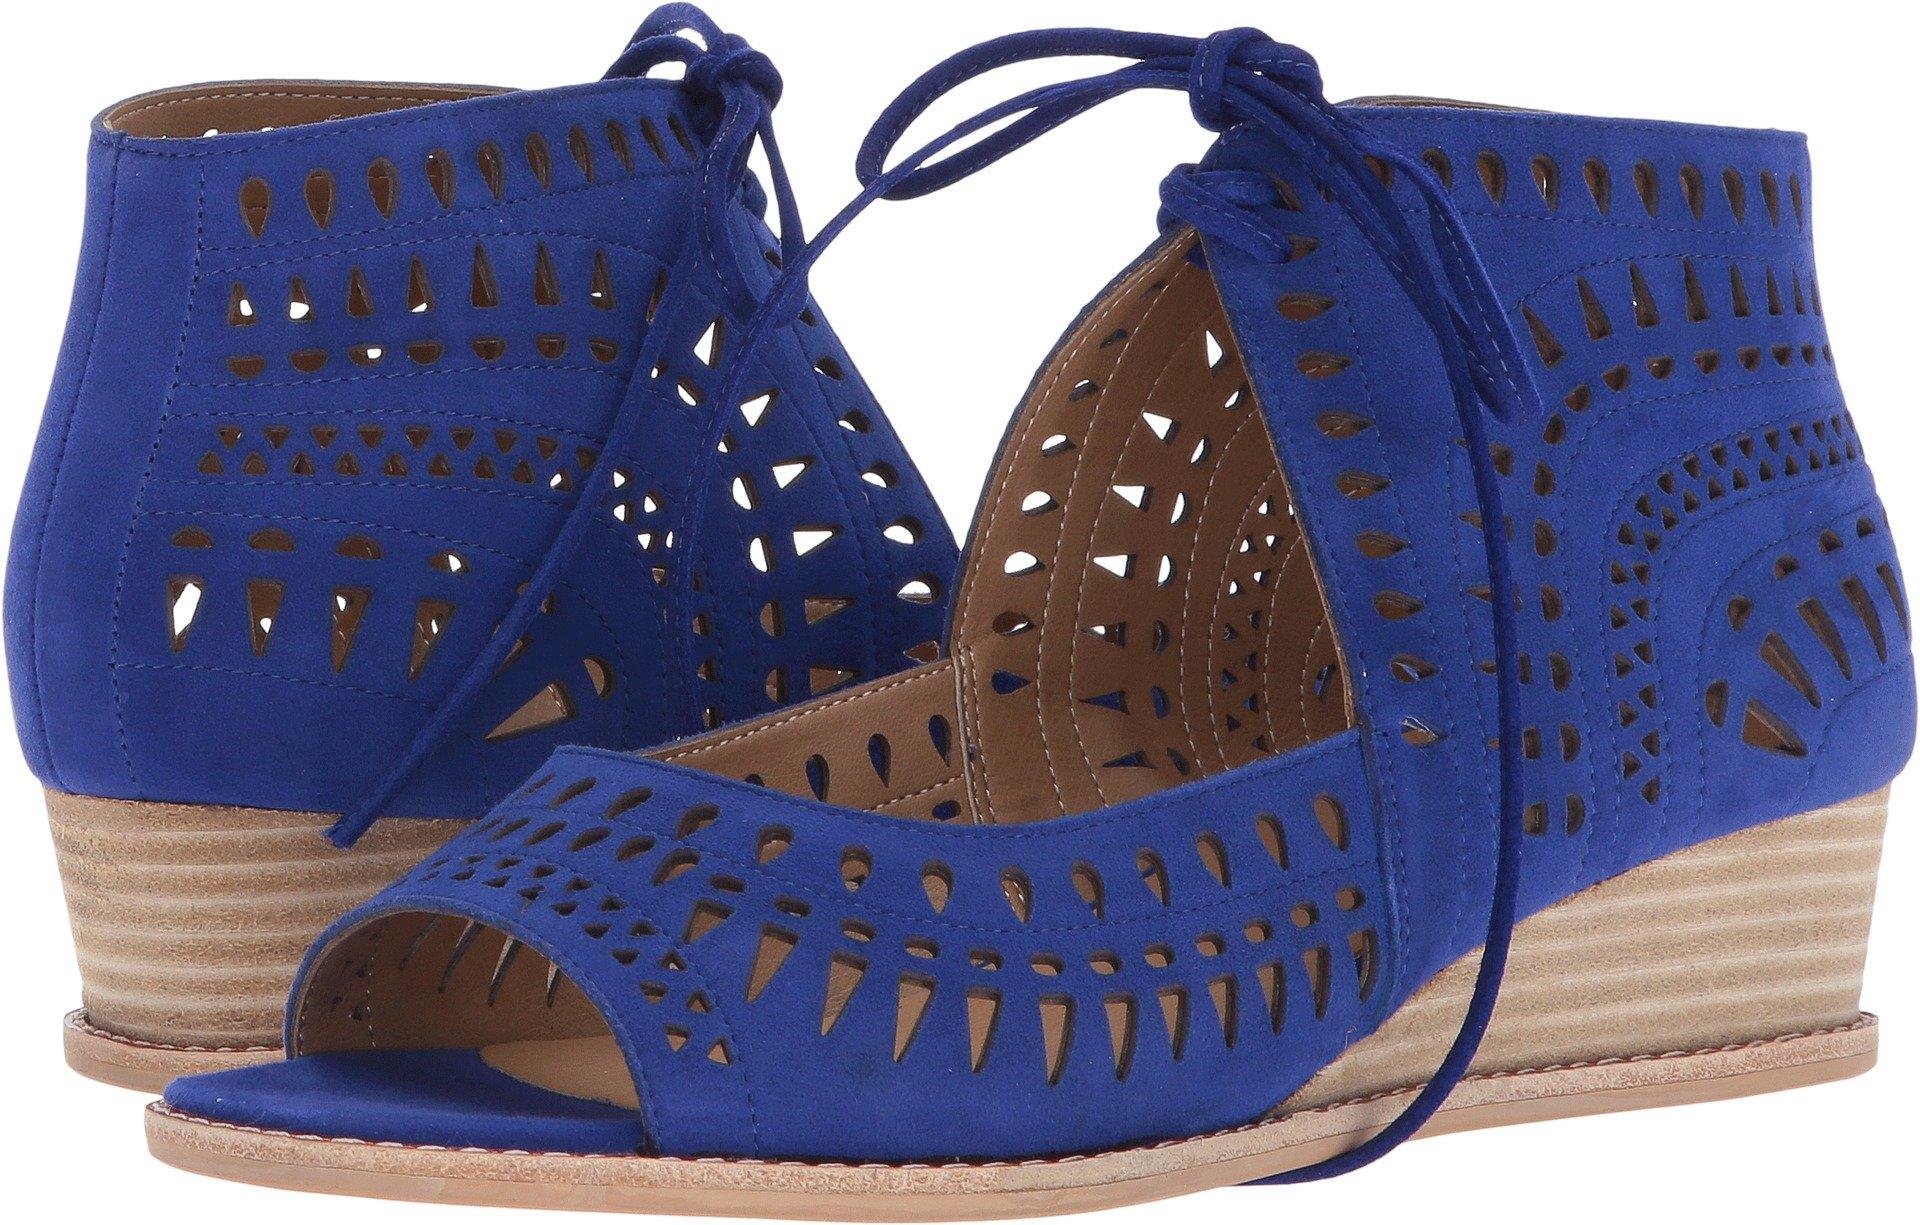 VANELi Women's Janice Jordan Blue Suede 5 M US